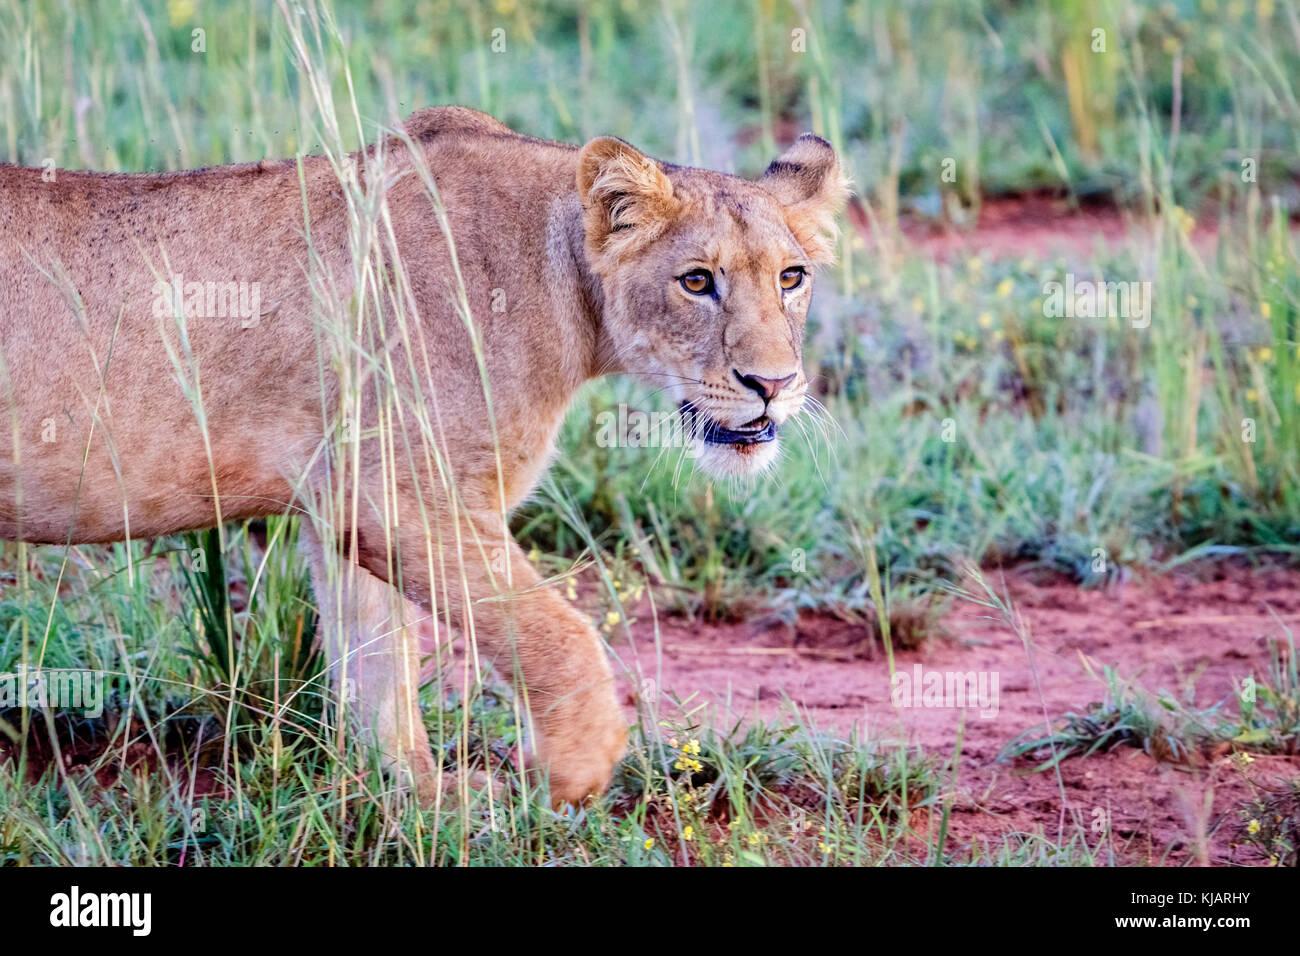 Eine schöne Löwin in der Sonne an einem frühen Morgen im Murchison Falls National Park in Uganda. Schade, dass dieser Stockfoto